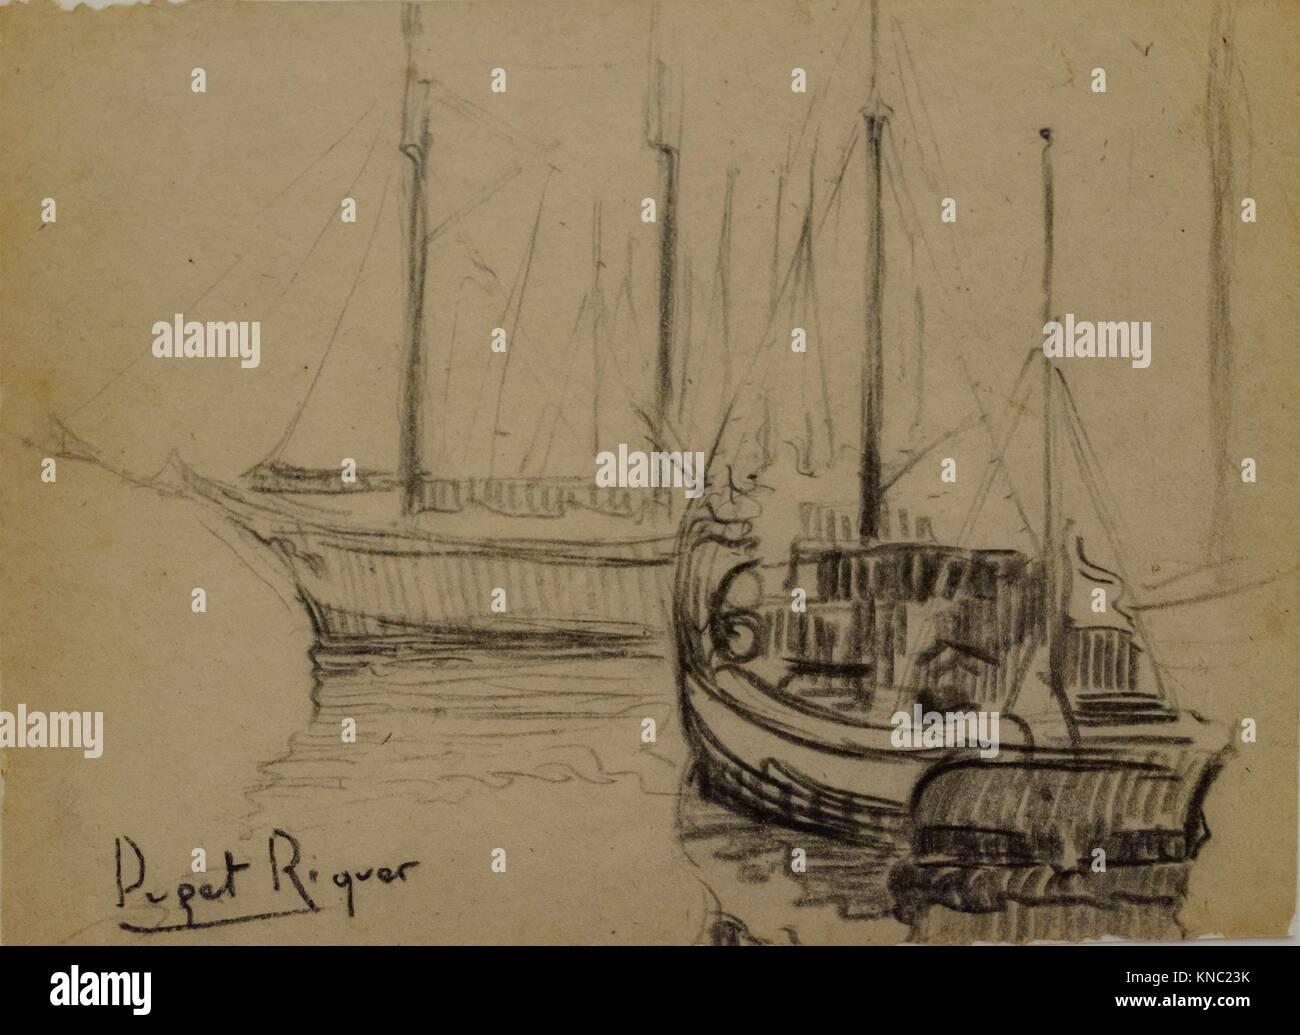 Barcos, Narcís Puget Riquer, Charcoal drawing, Puget Museum, casa noble de Can LLaudis , Dalt Vila, Ibiza, - Stock Image